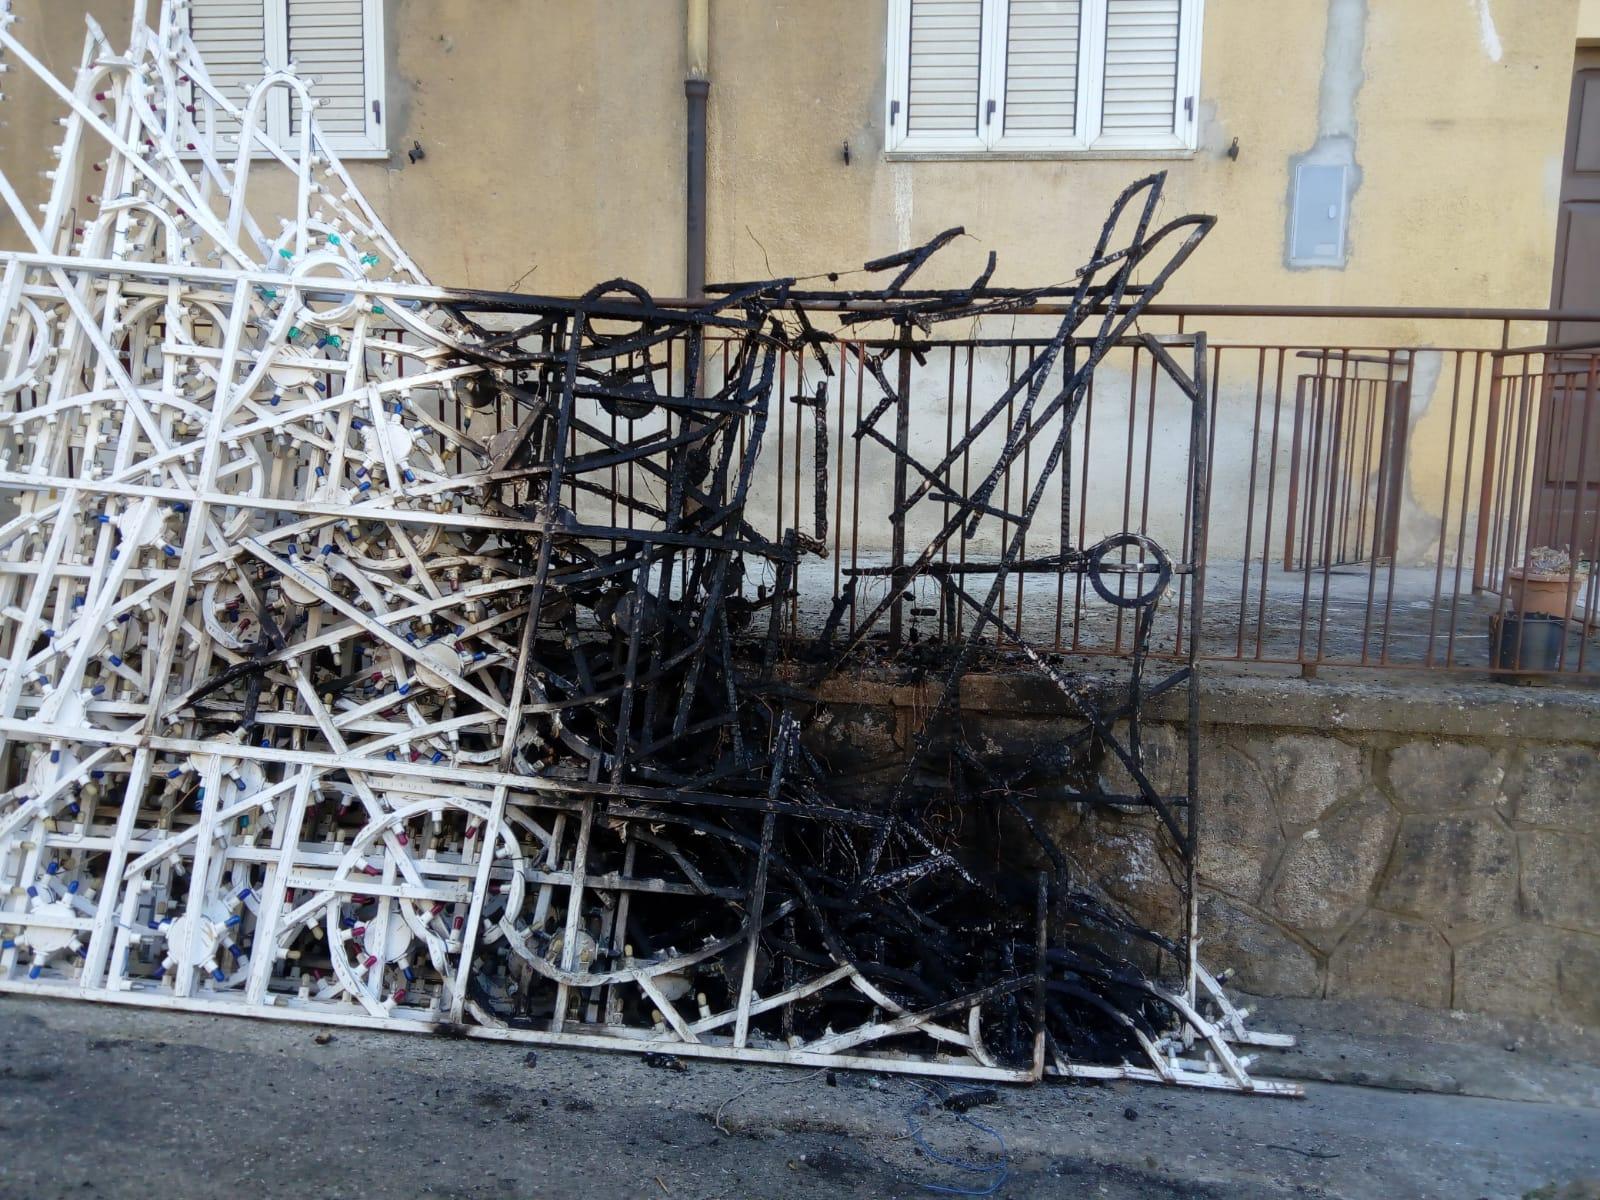 Bruciate le luminarie per la festa di San RoccoNella notte i danneggiamenti nel Vibonese, indagini